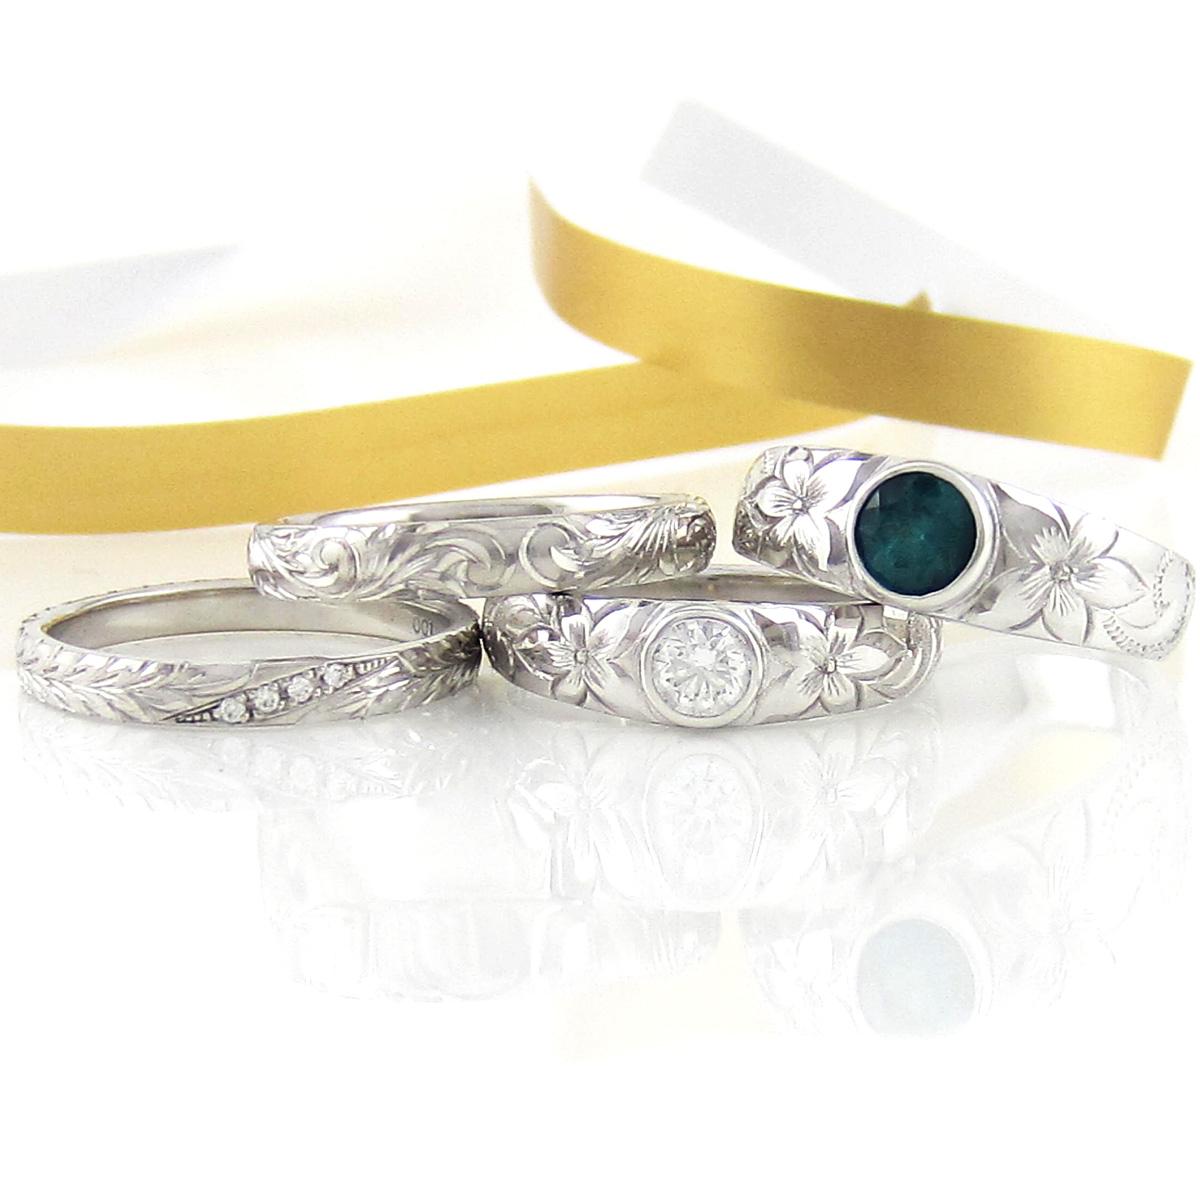 指輪のモチーフのデザインの意味や種類についての由来